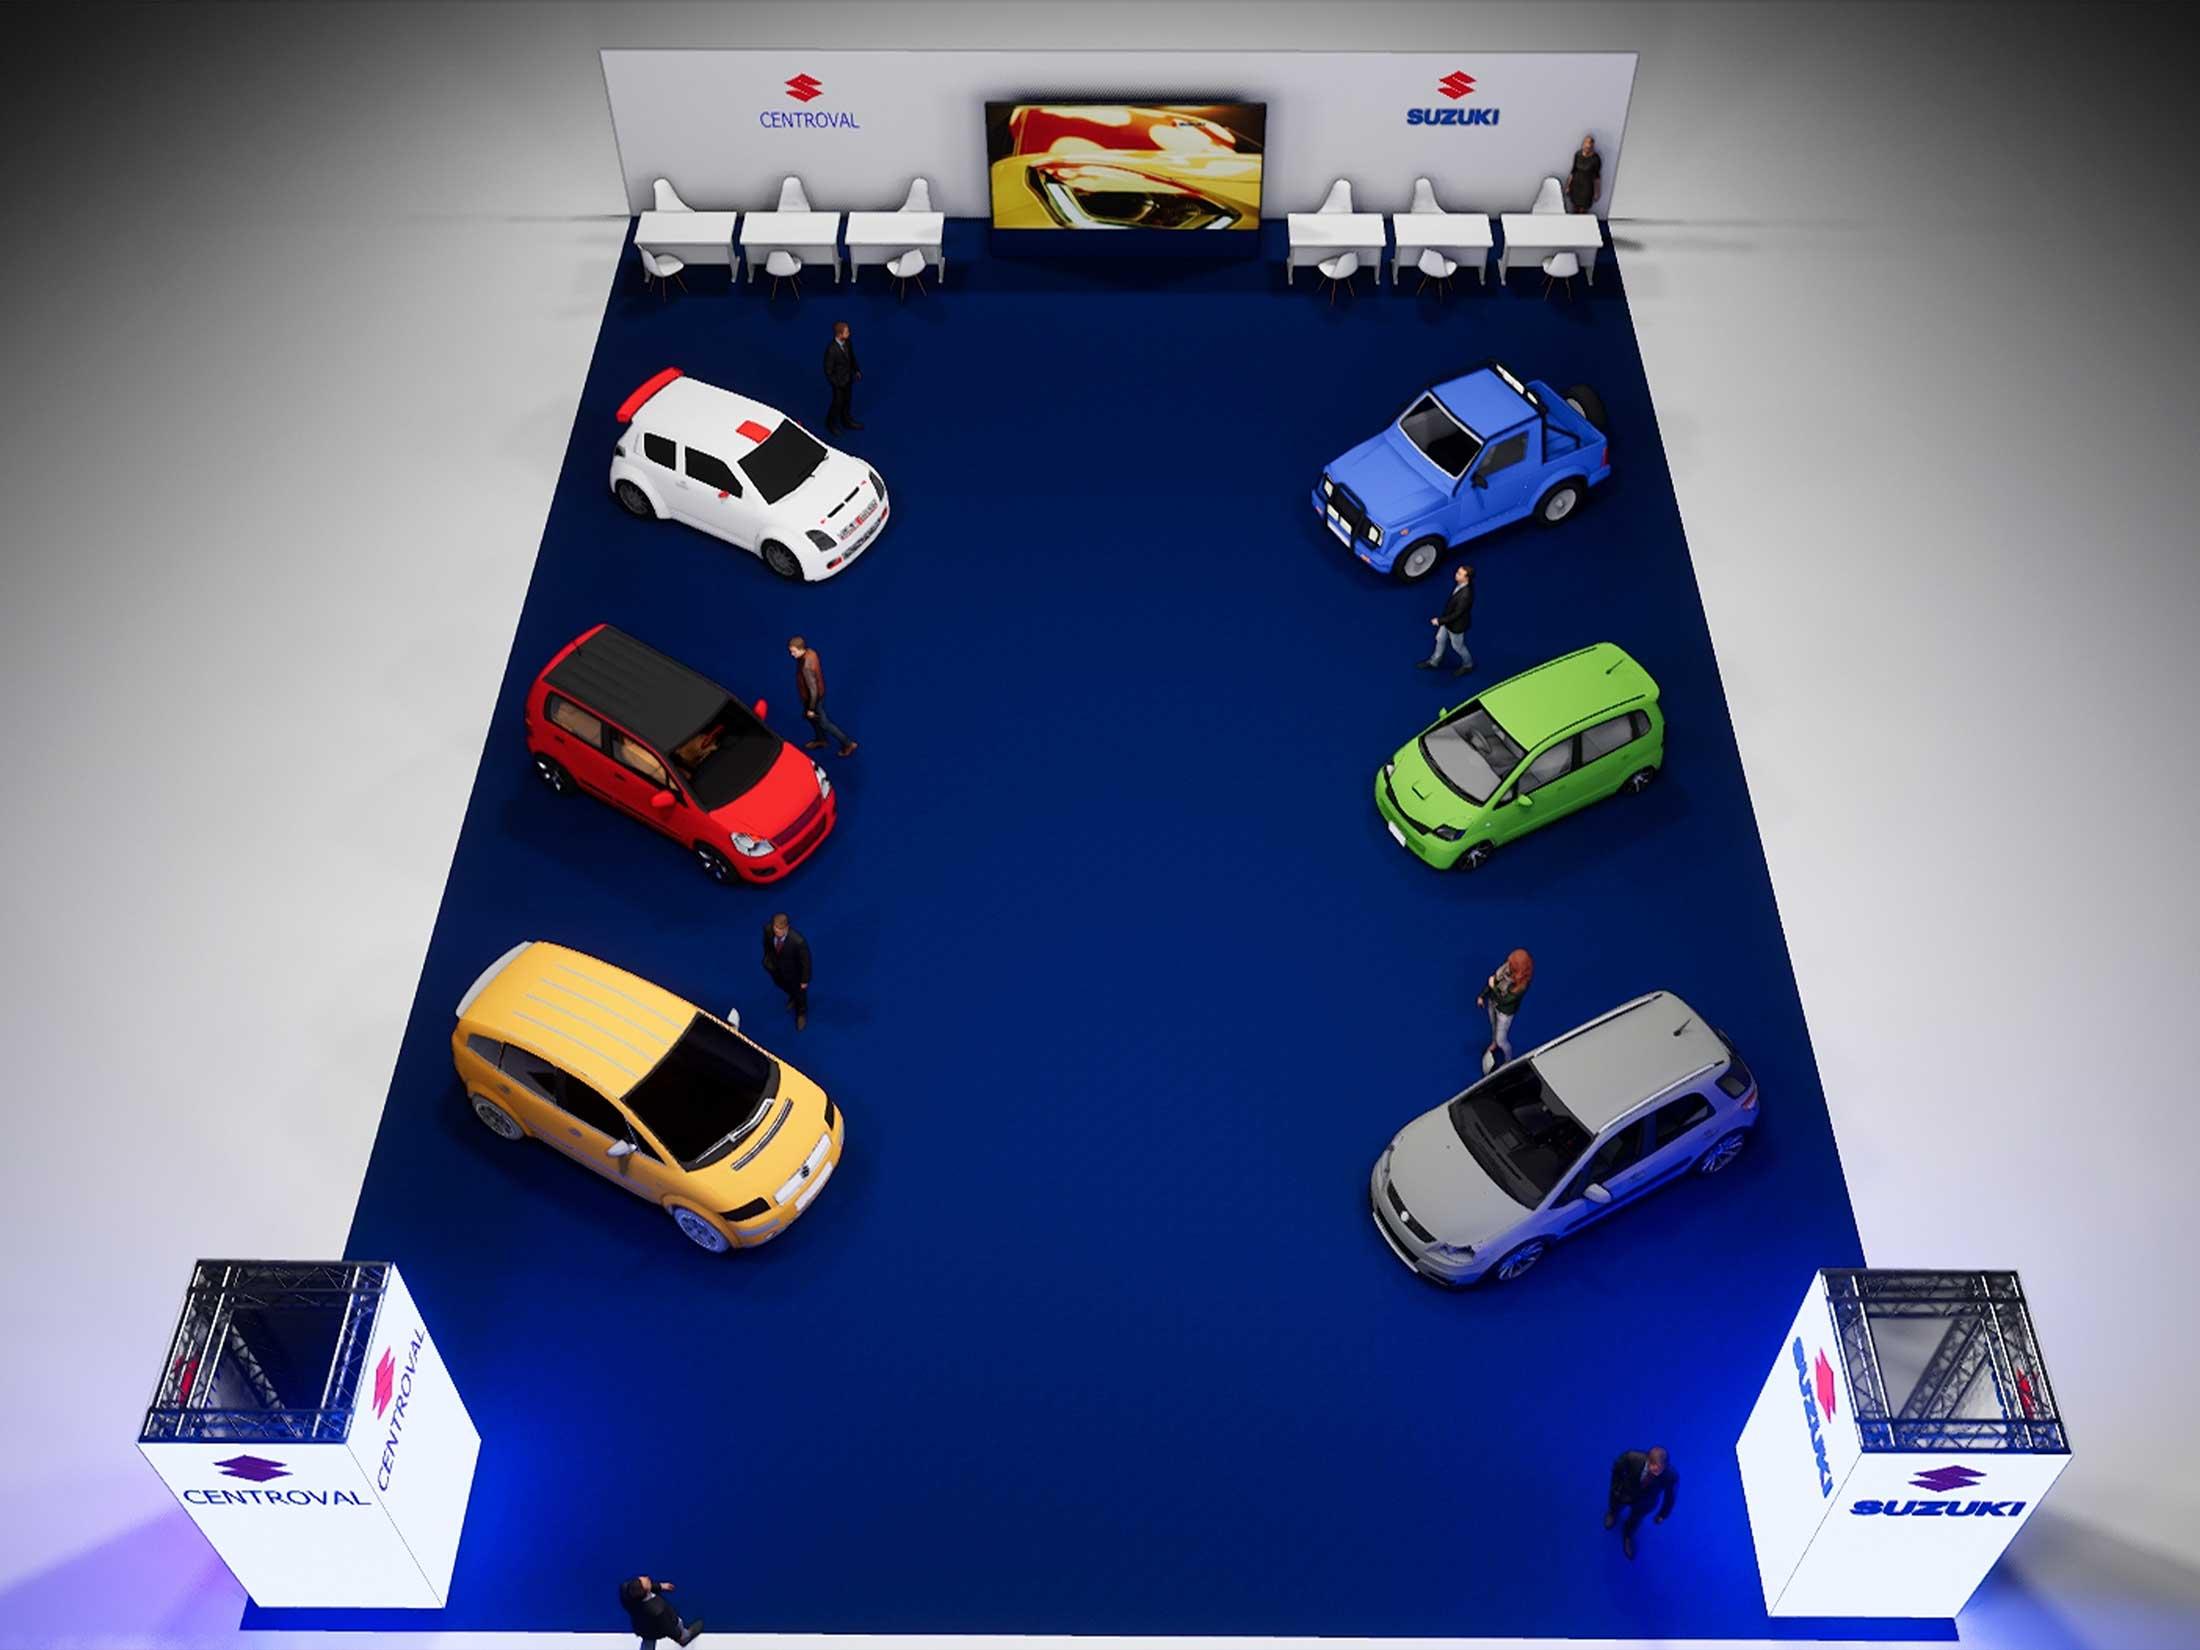 Feria del automovil Suzuki